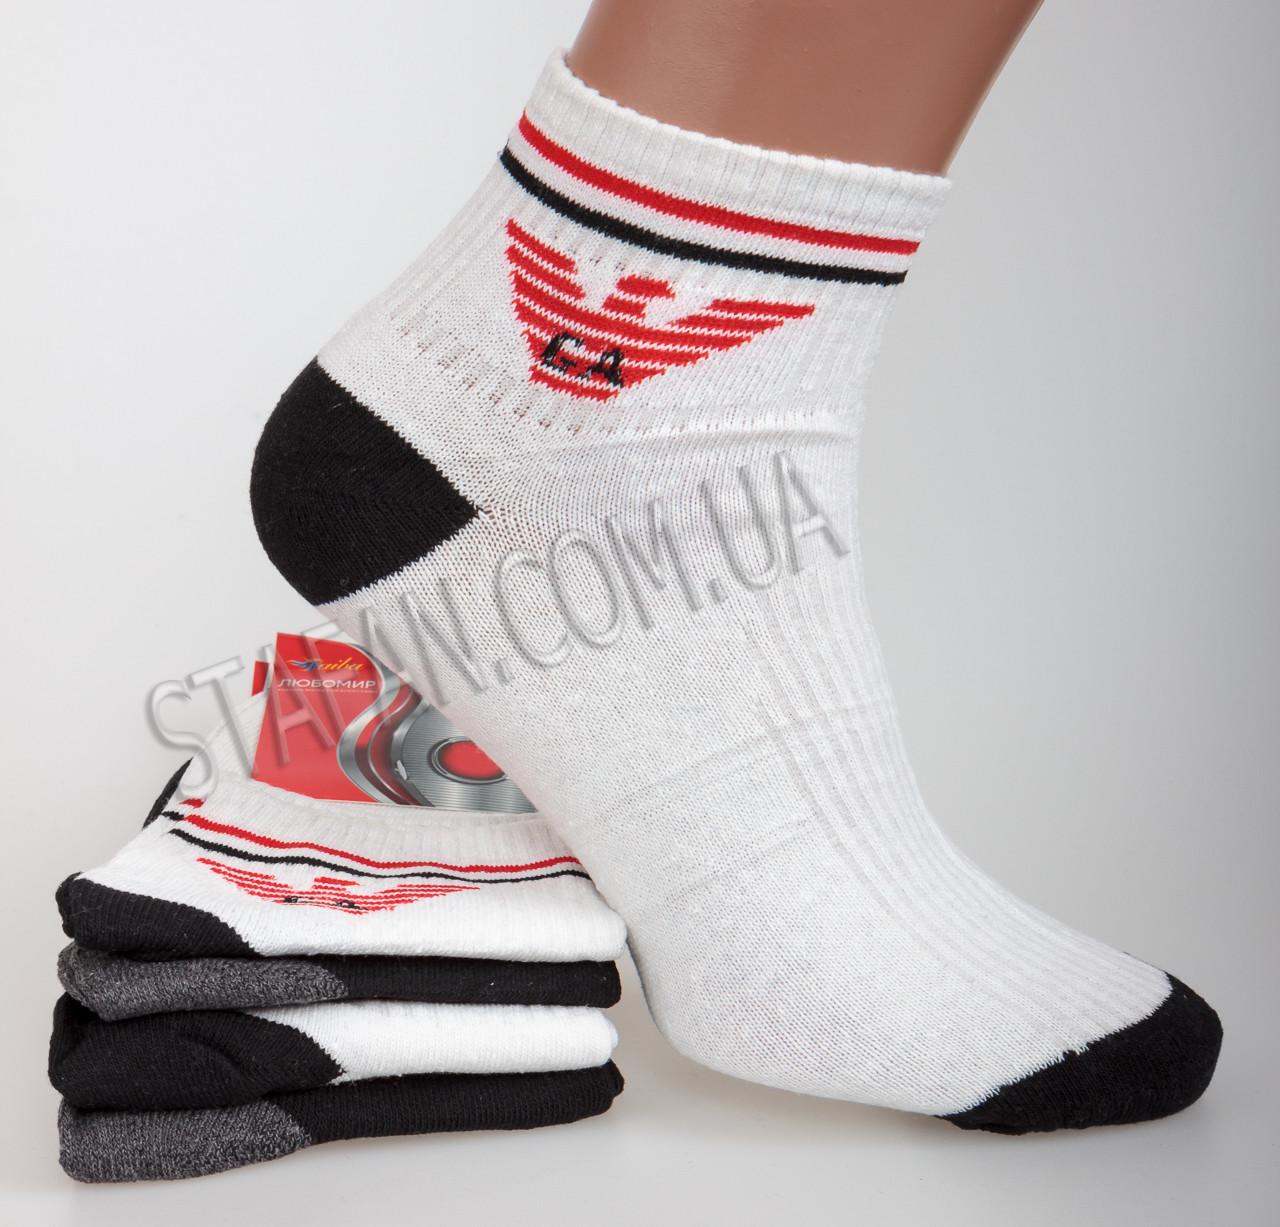 0807e2f2bd651 Носки Оптом - Мужская одежда Объявления в Украине на BESPLATKA.ua